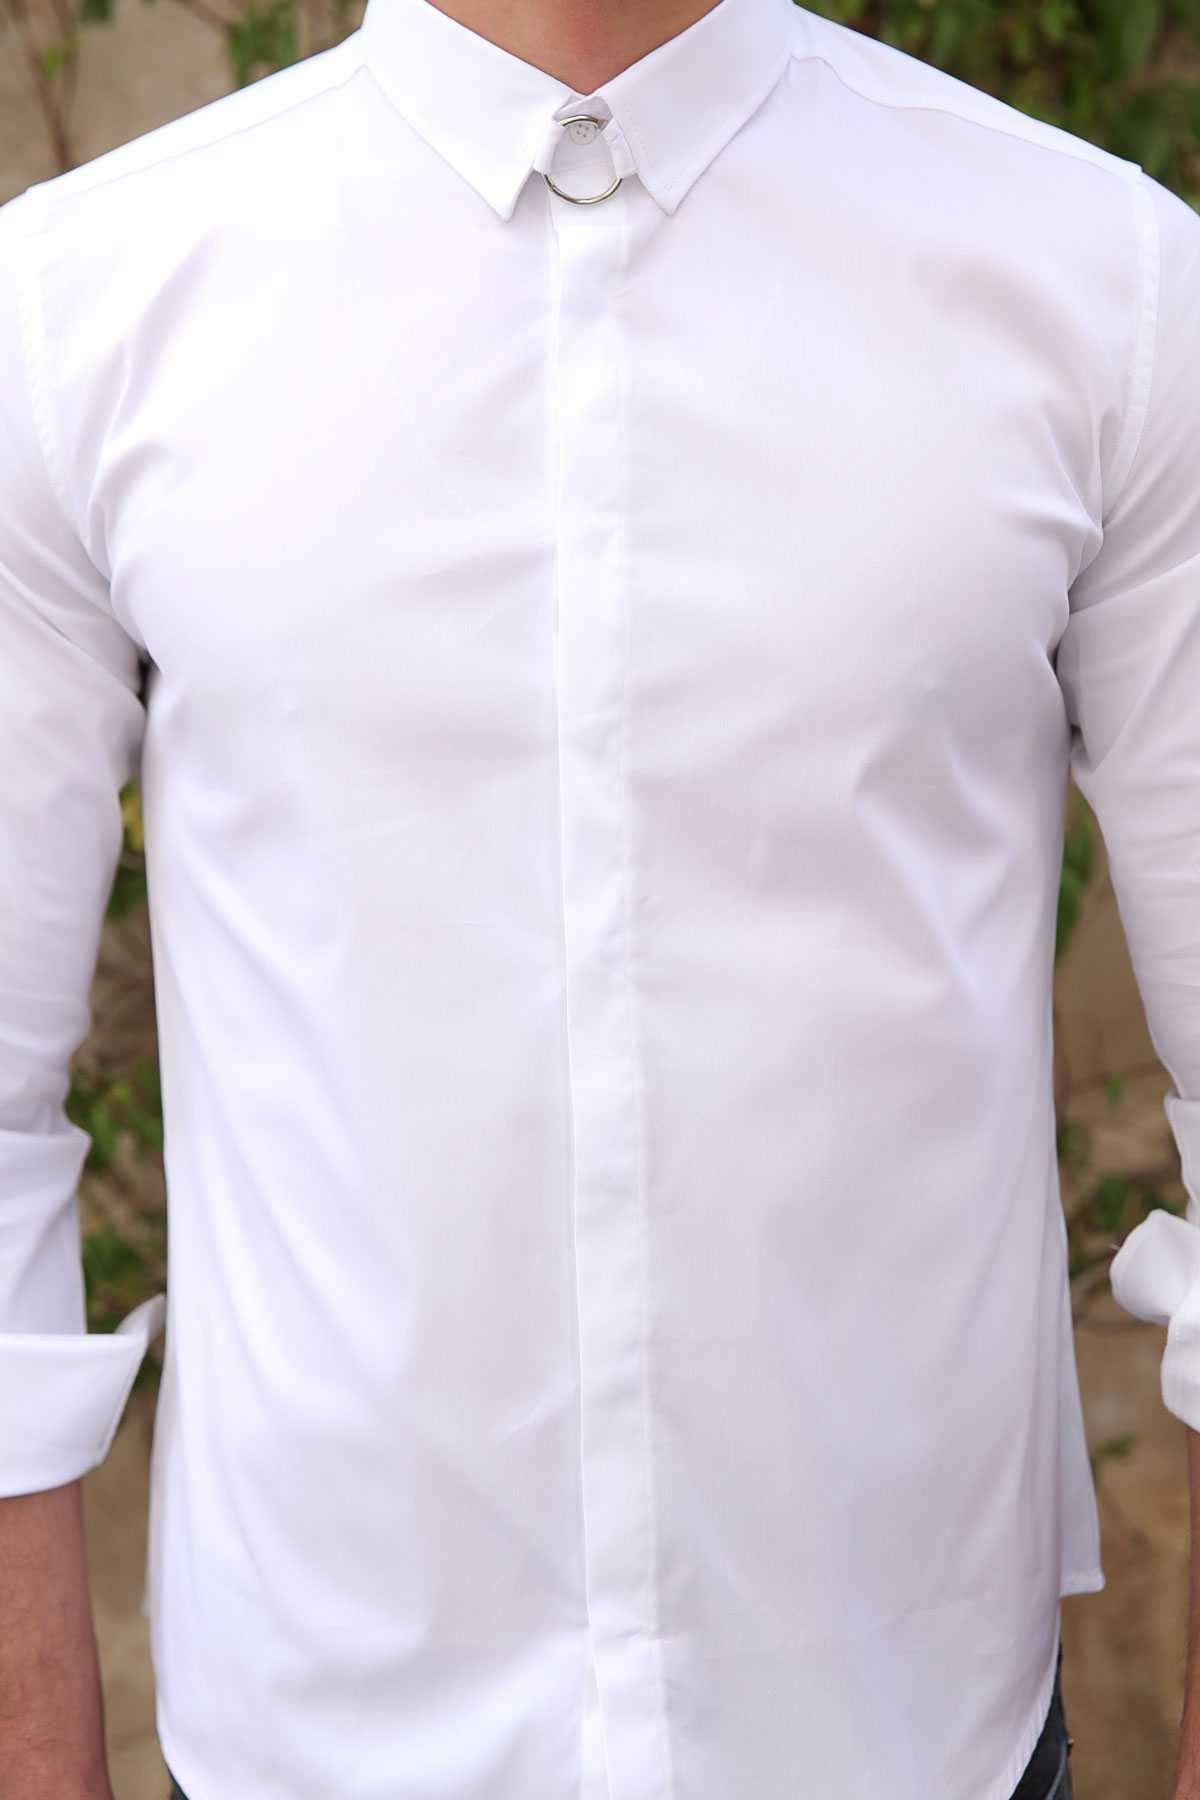 Yaka Ucu Metal Halkalı Parlak Düz Slim Fit Gömlek Beyaz